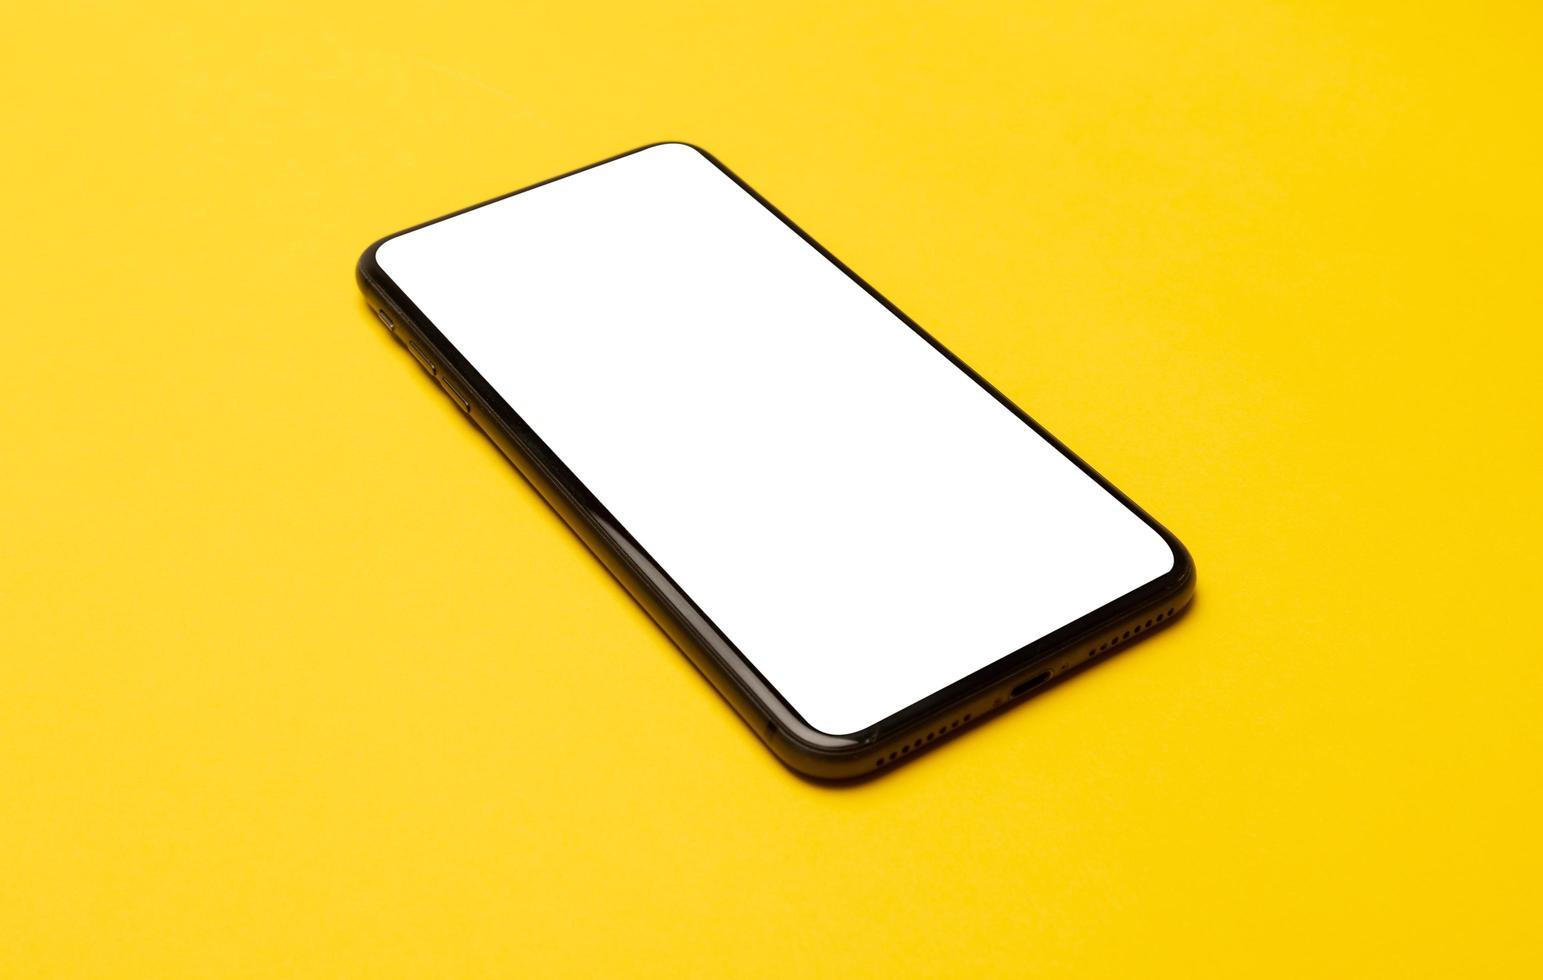 telefone inteligente em fundo amarelo foto